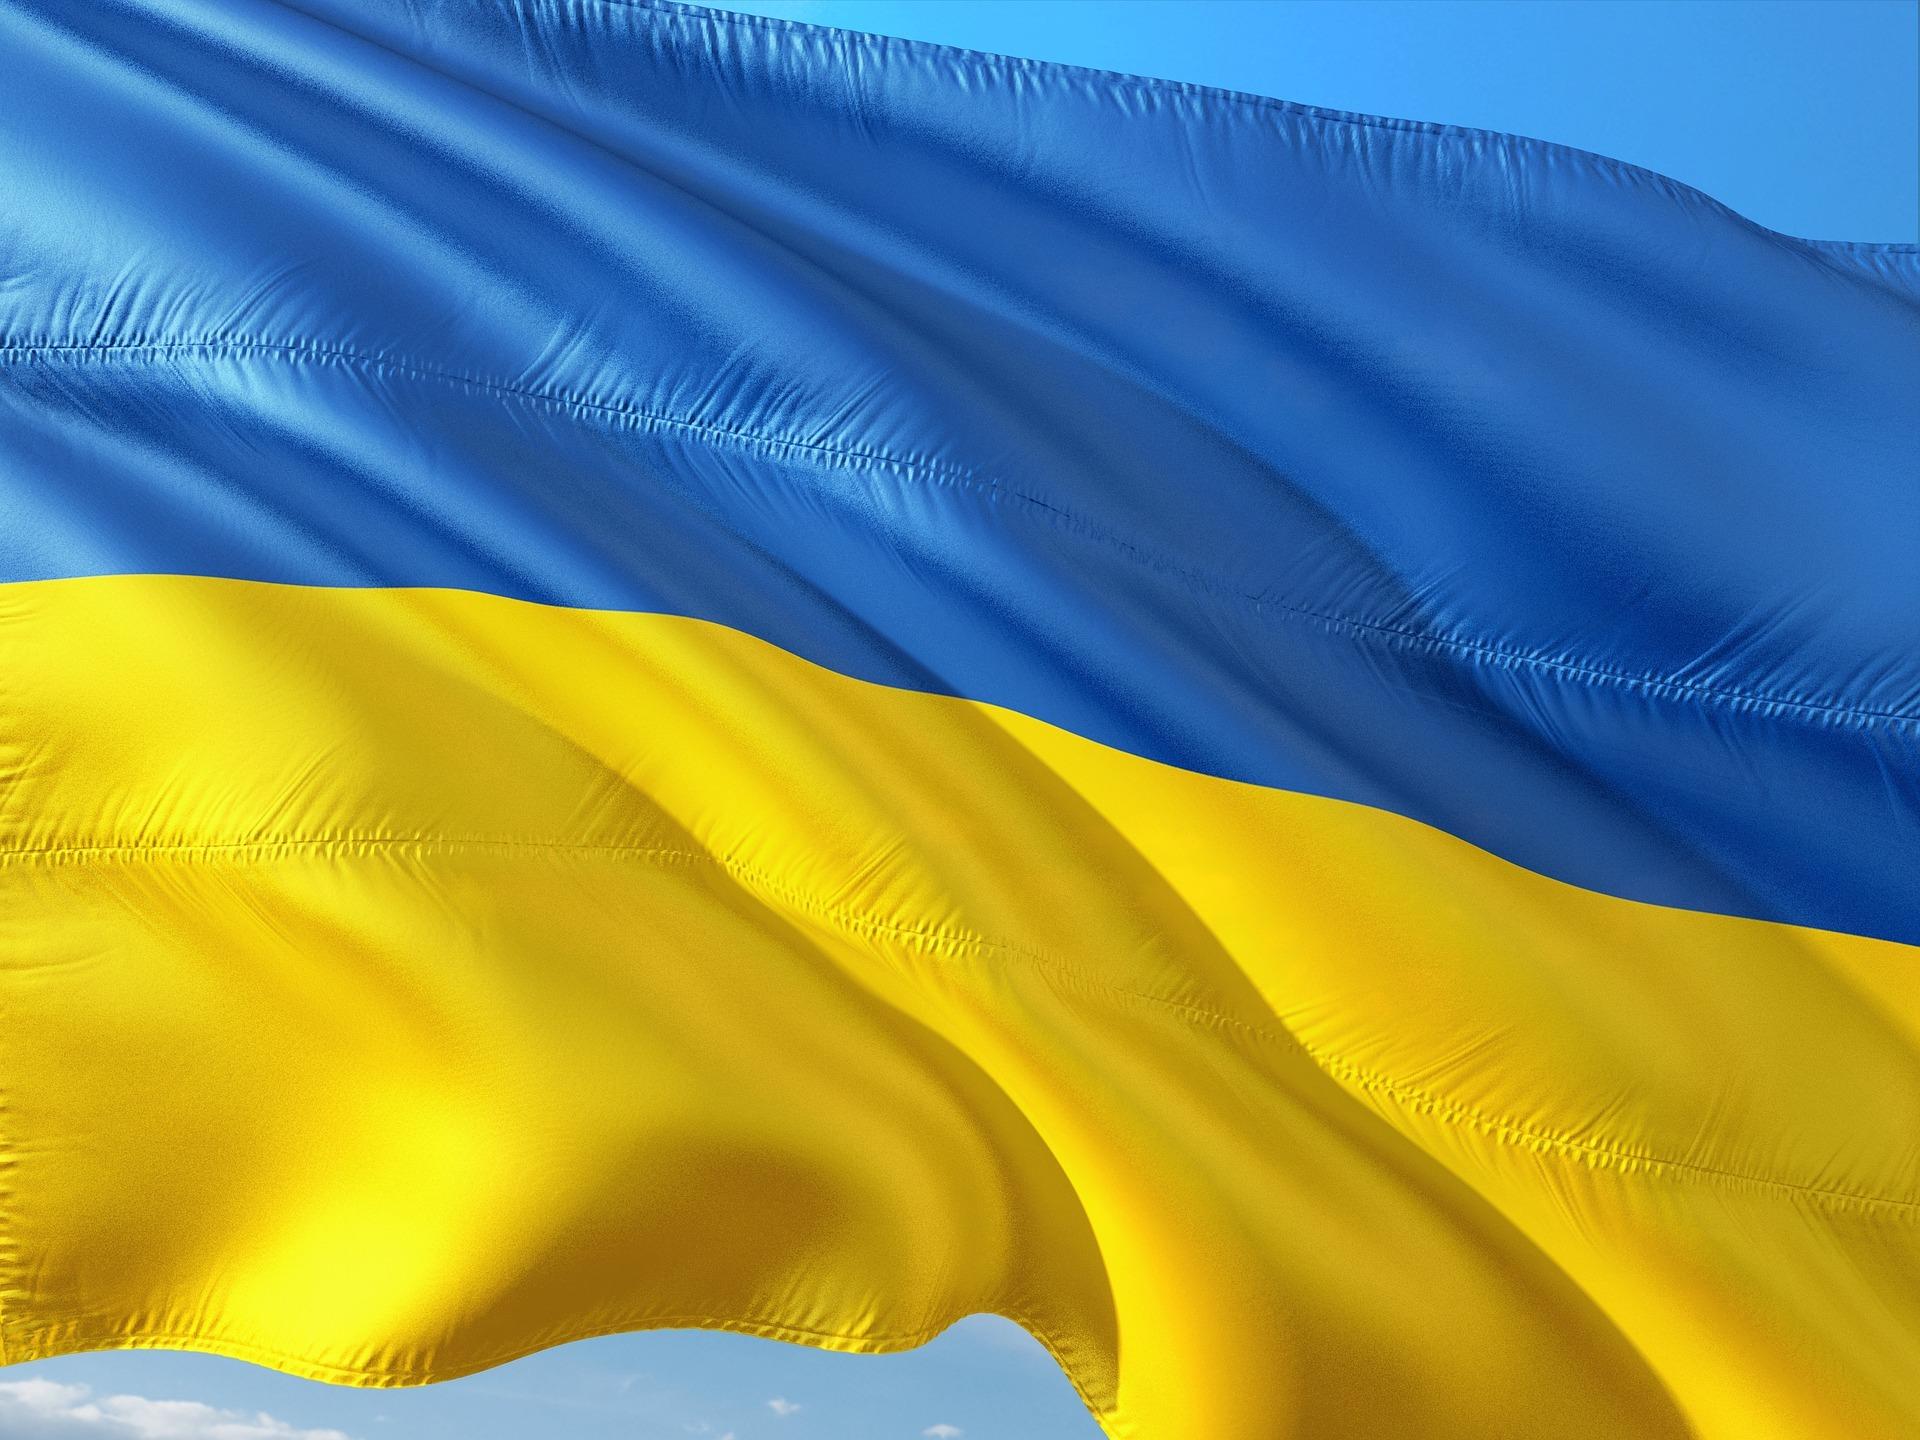 Як вплине воєнний стан на публічні закупівлі в Україні_zakupki_prom_ua